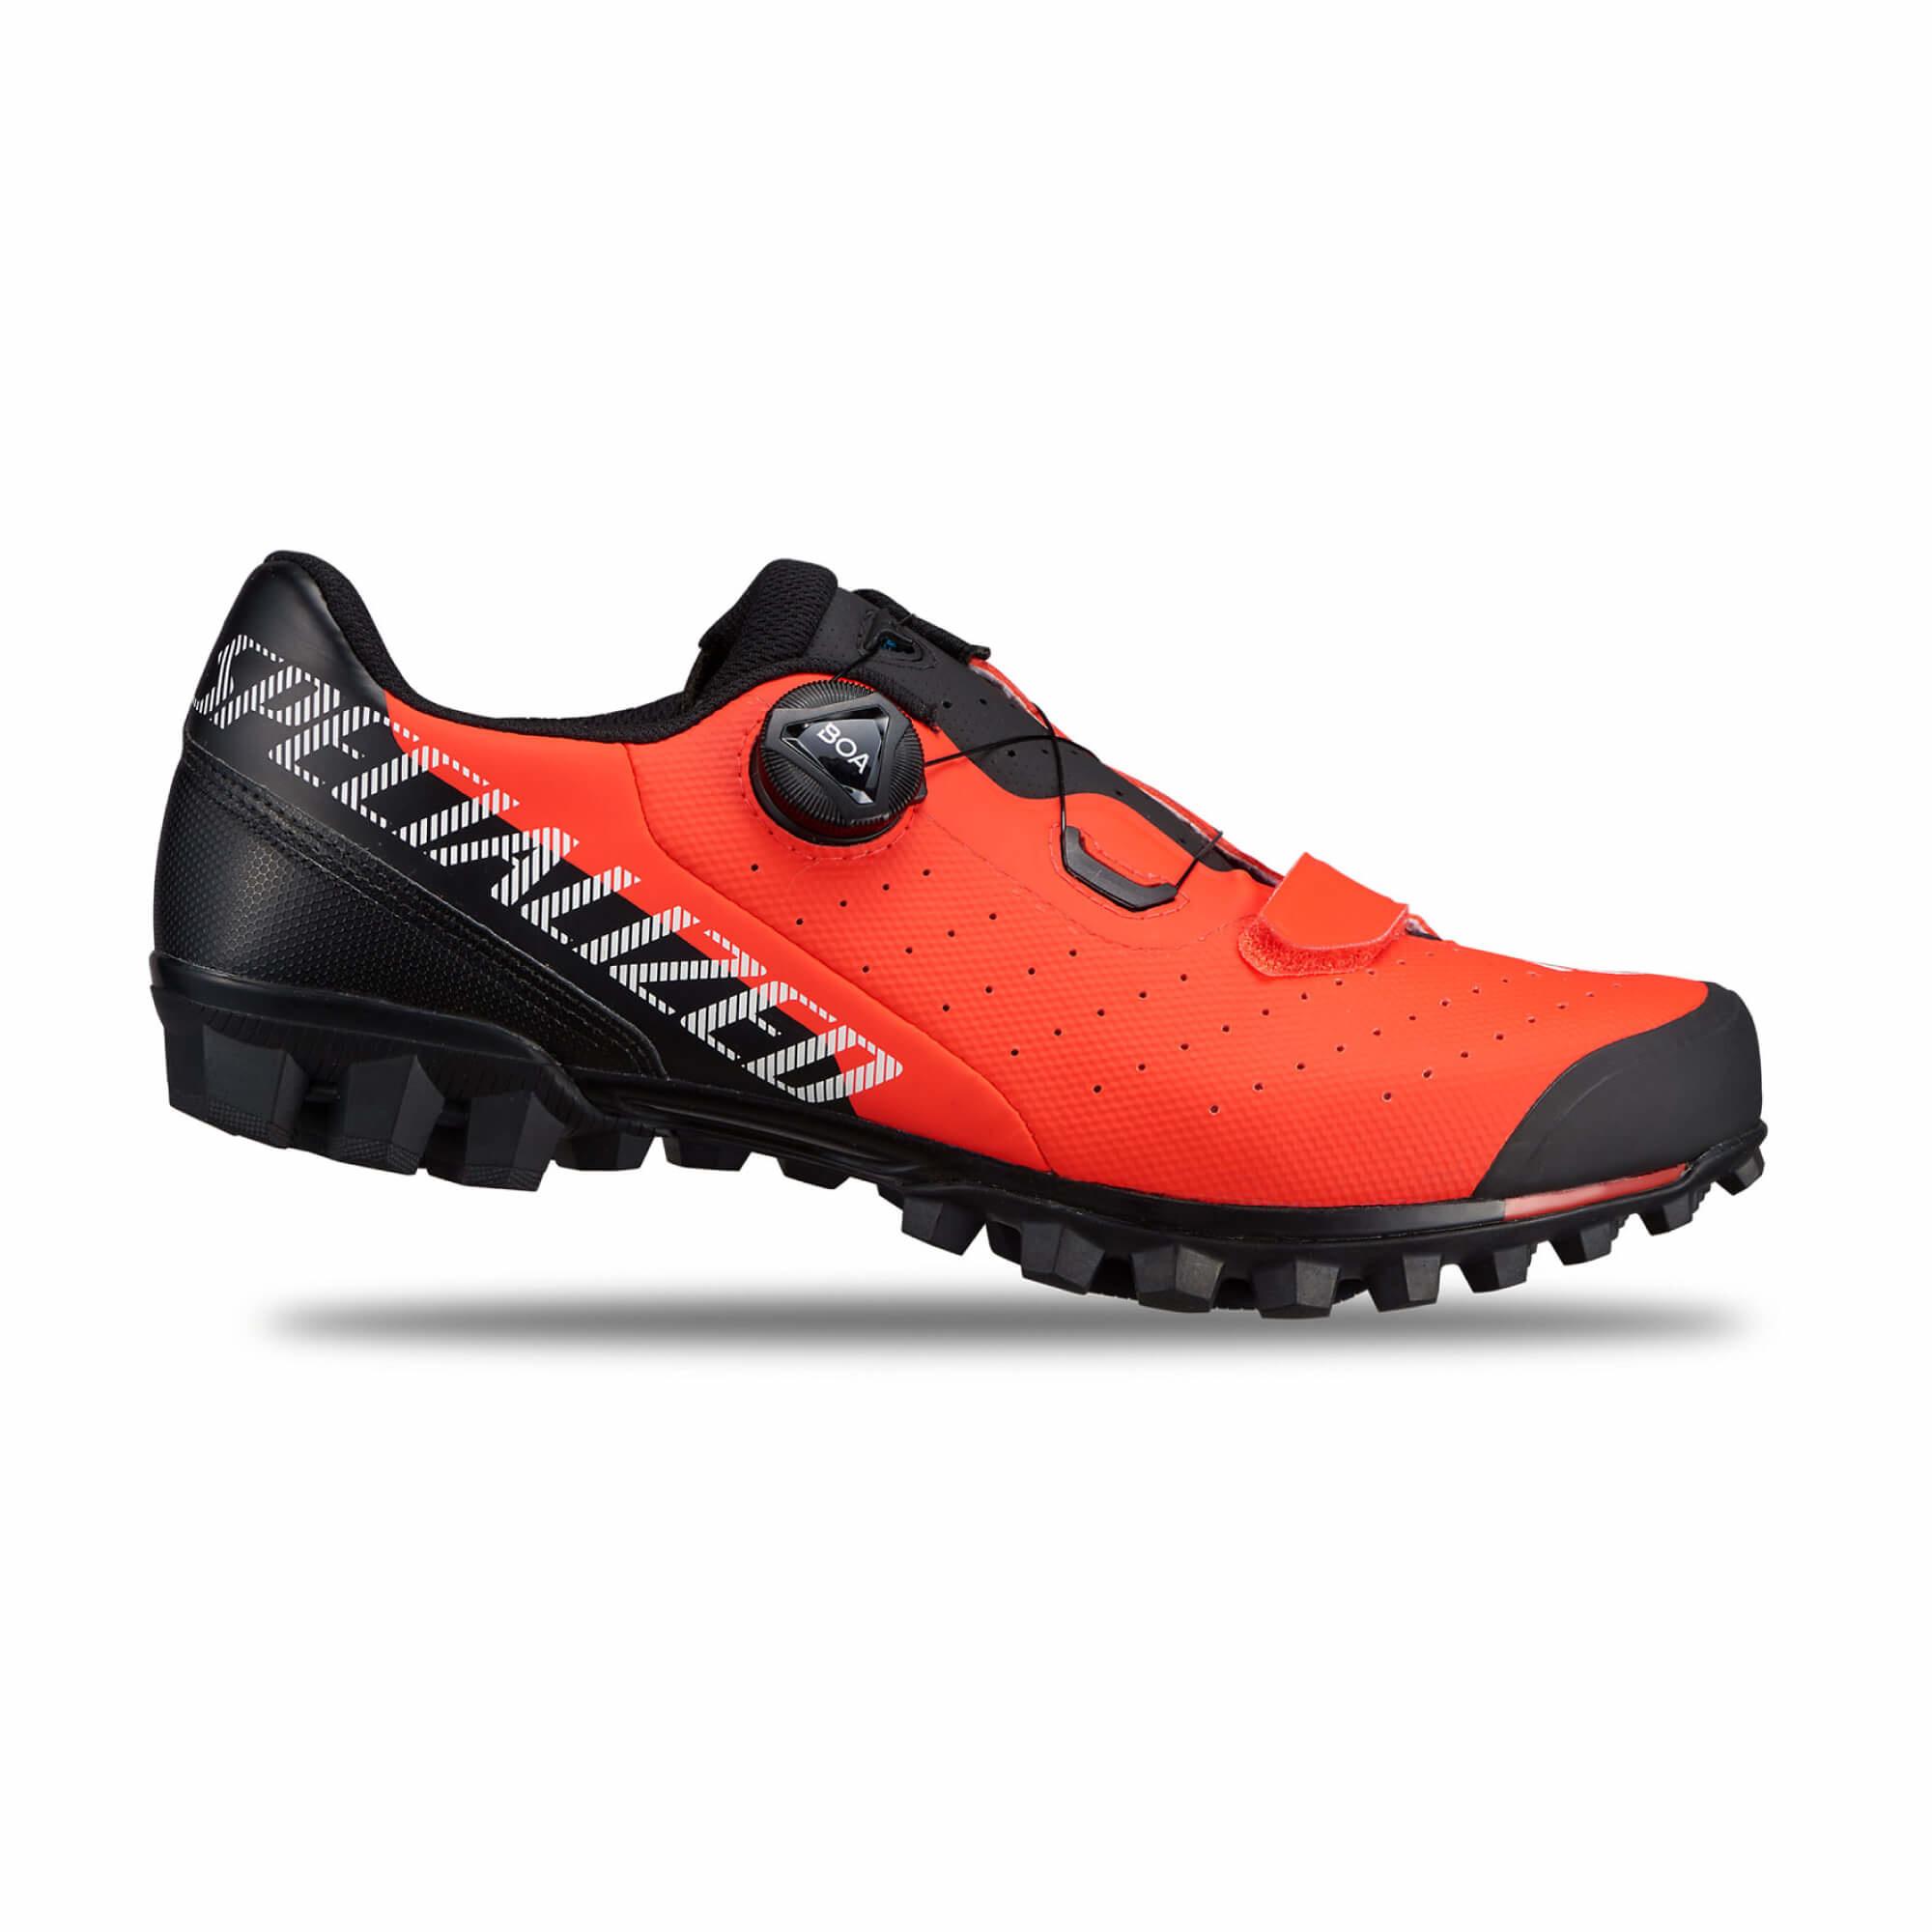 Recon 2.0 Mountain Bike Shoes-6